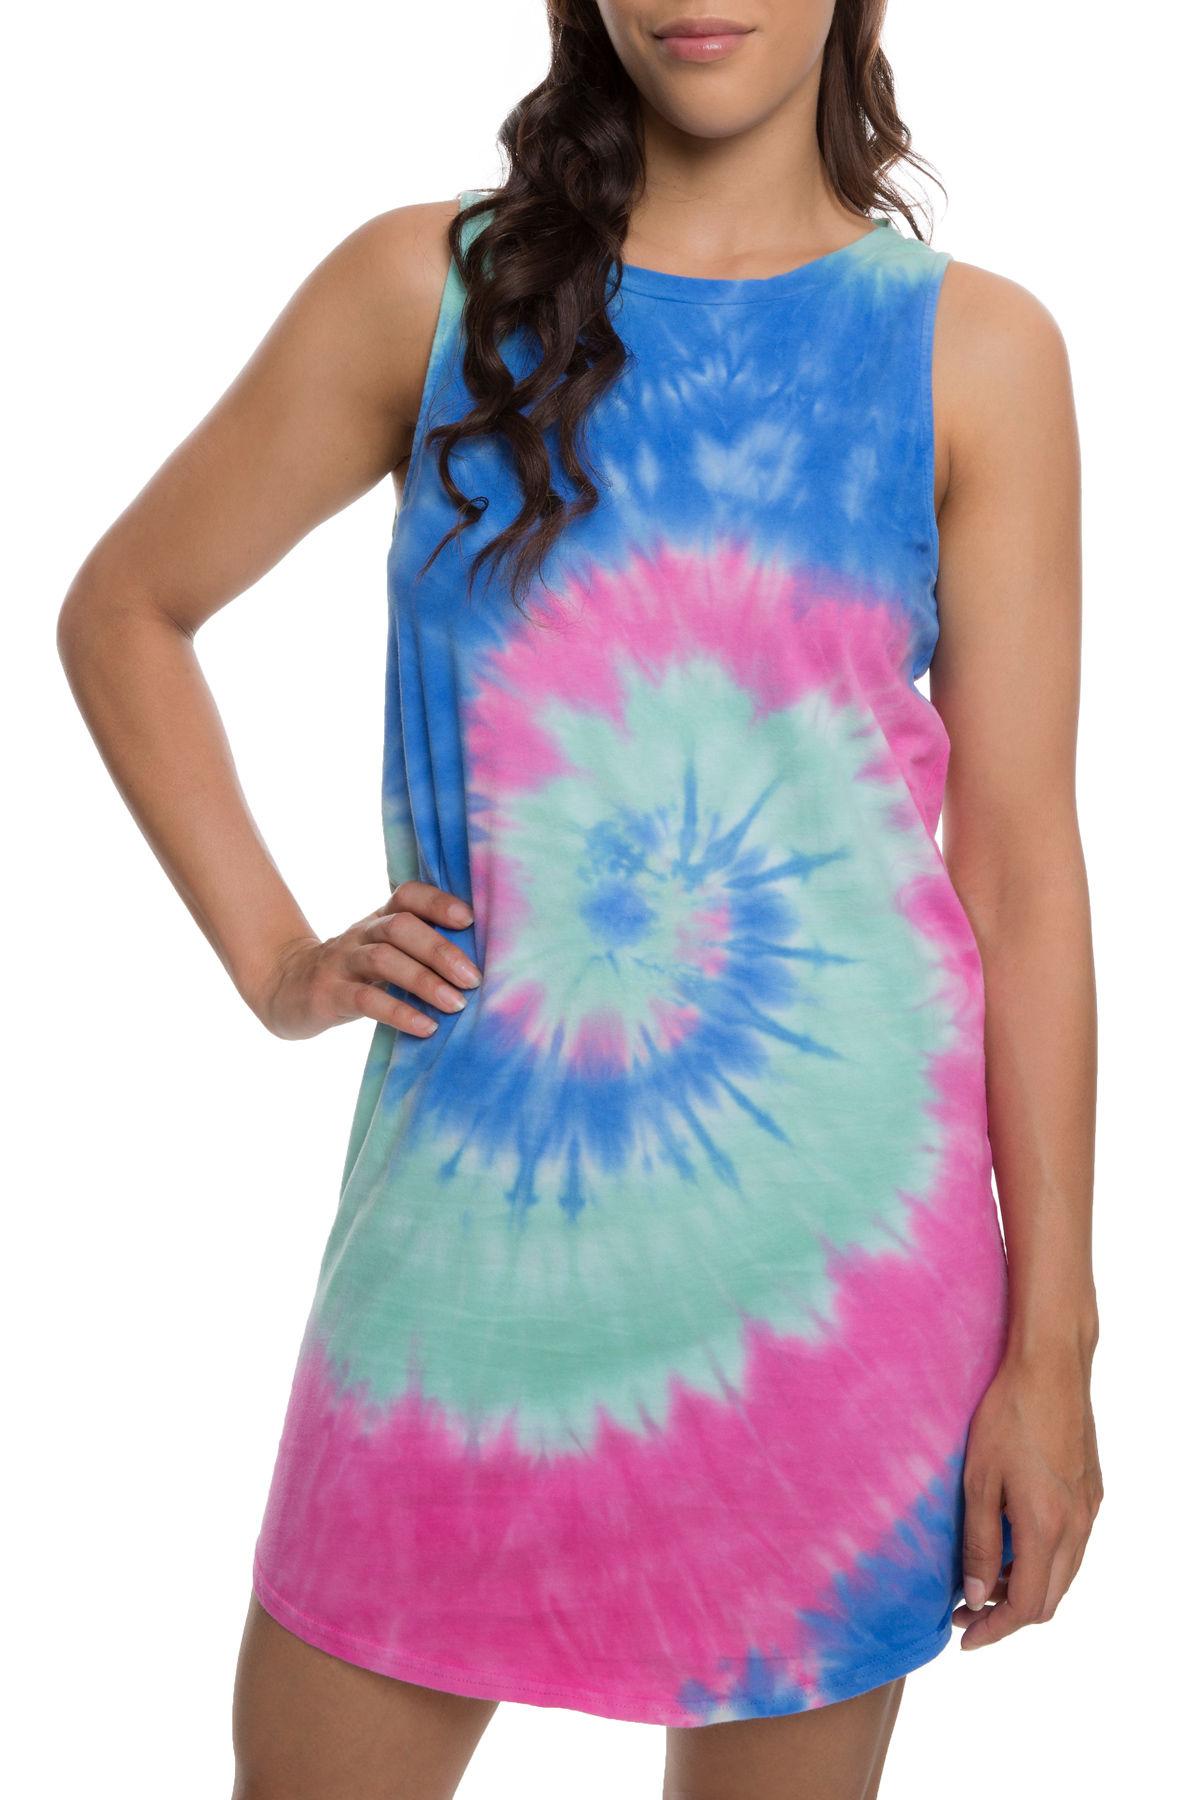 The Dye Job Dress in Tie Dye